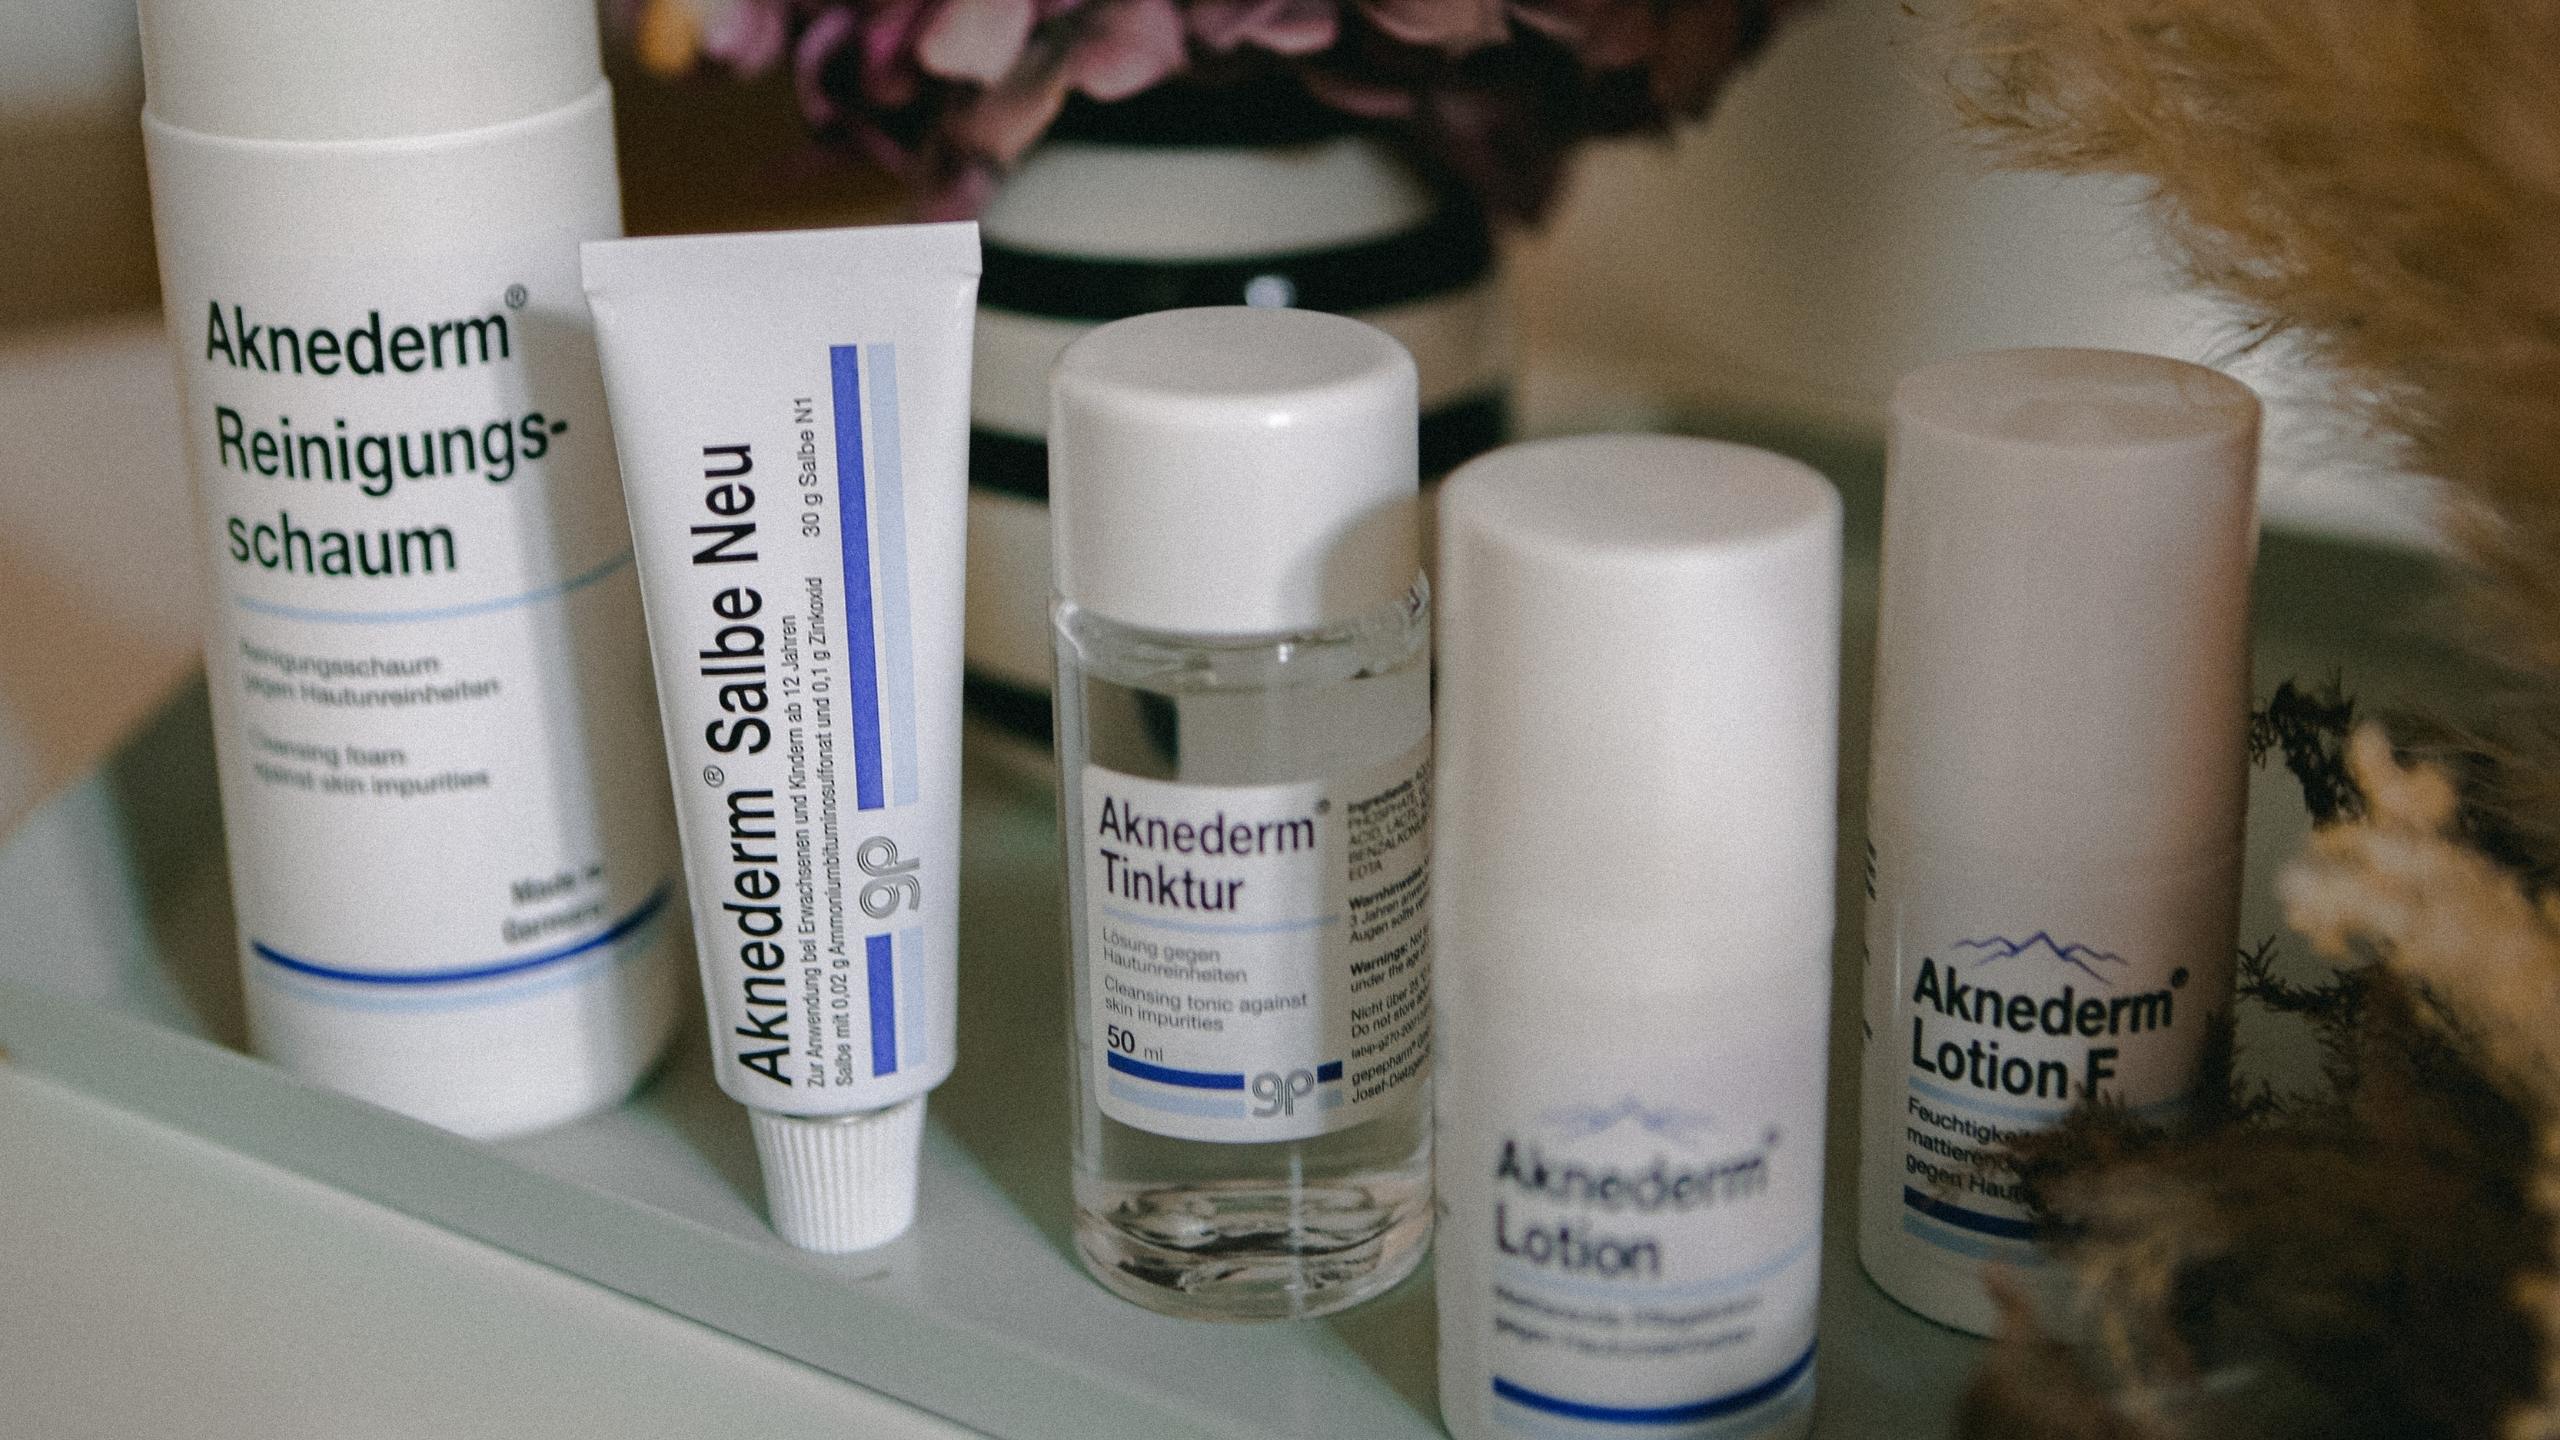 Aknederm Antipickel Pickel Pickelprodukte Anti Pickel Produkte Pimple Hautunreinheiten Unreinheiten Bekämpfen Lauralamode Beautyprodukte9